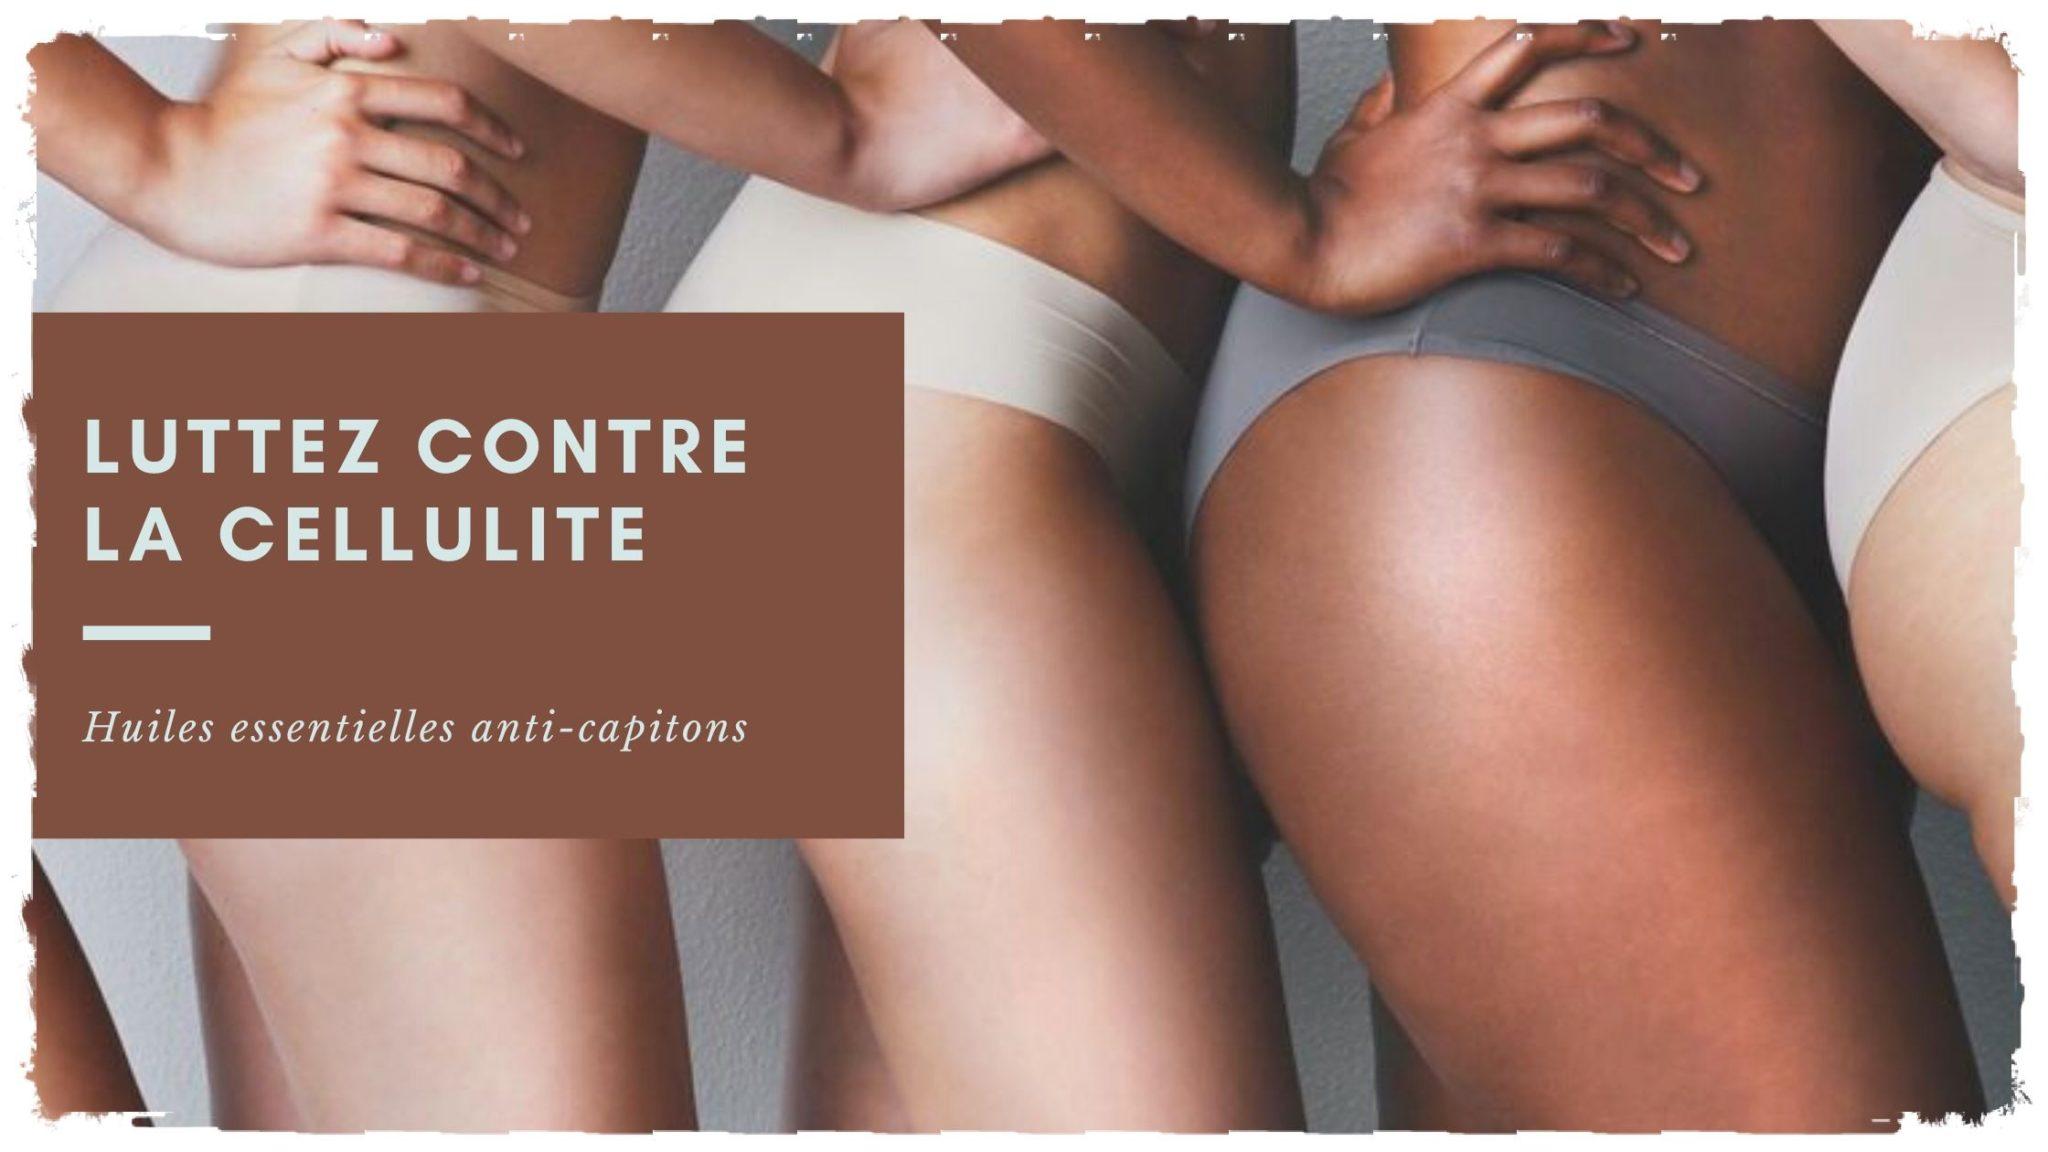 You are currently viewing Luttez contre la cellulite avec les huiles essentielles